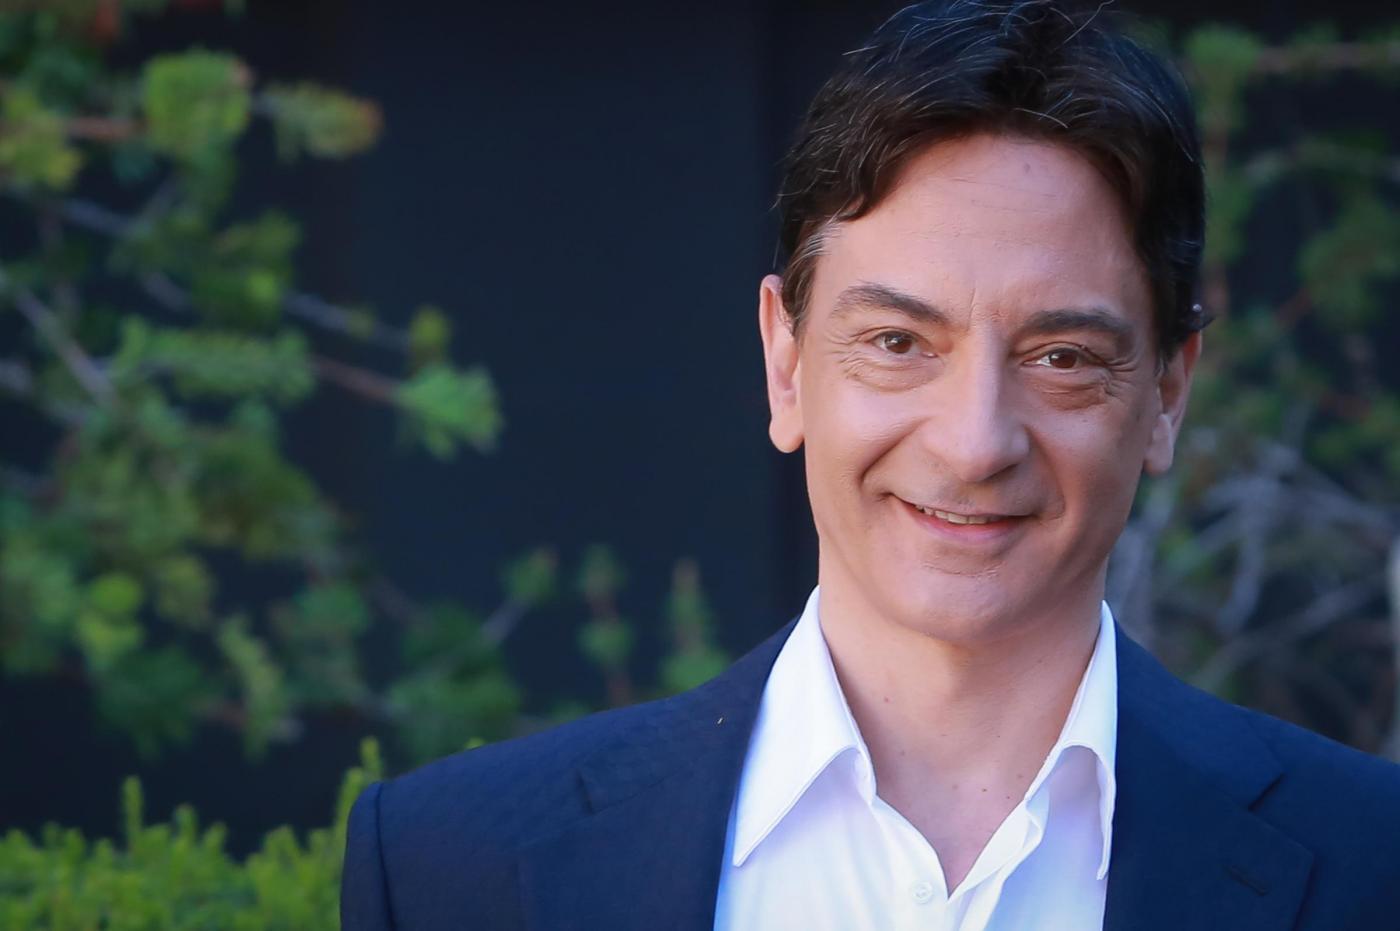 Oroscopo 2017 di Paolo Fox rinviato dalla Rai: spettatori in rivolta